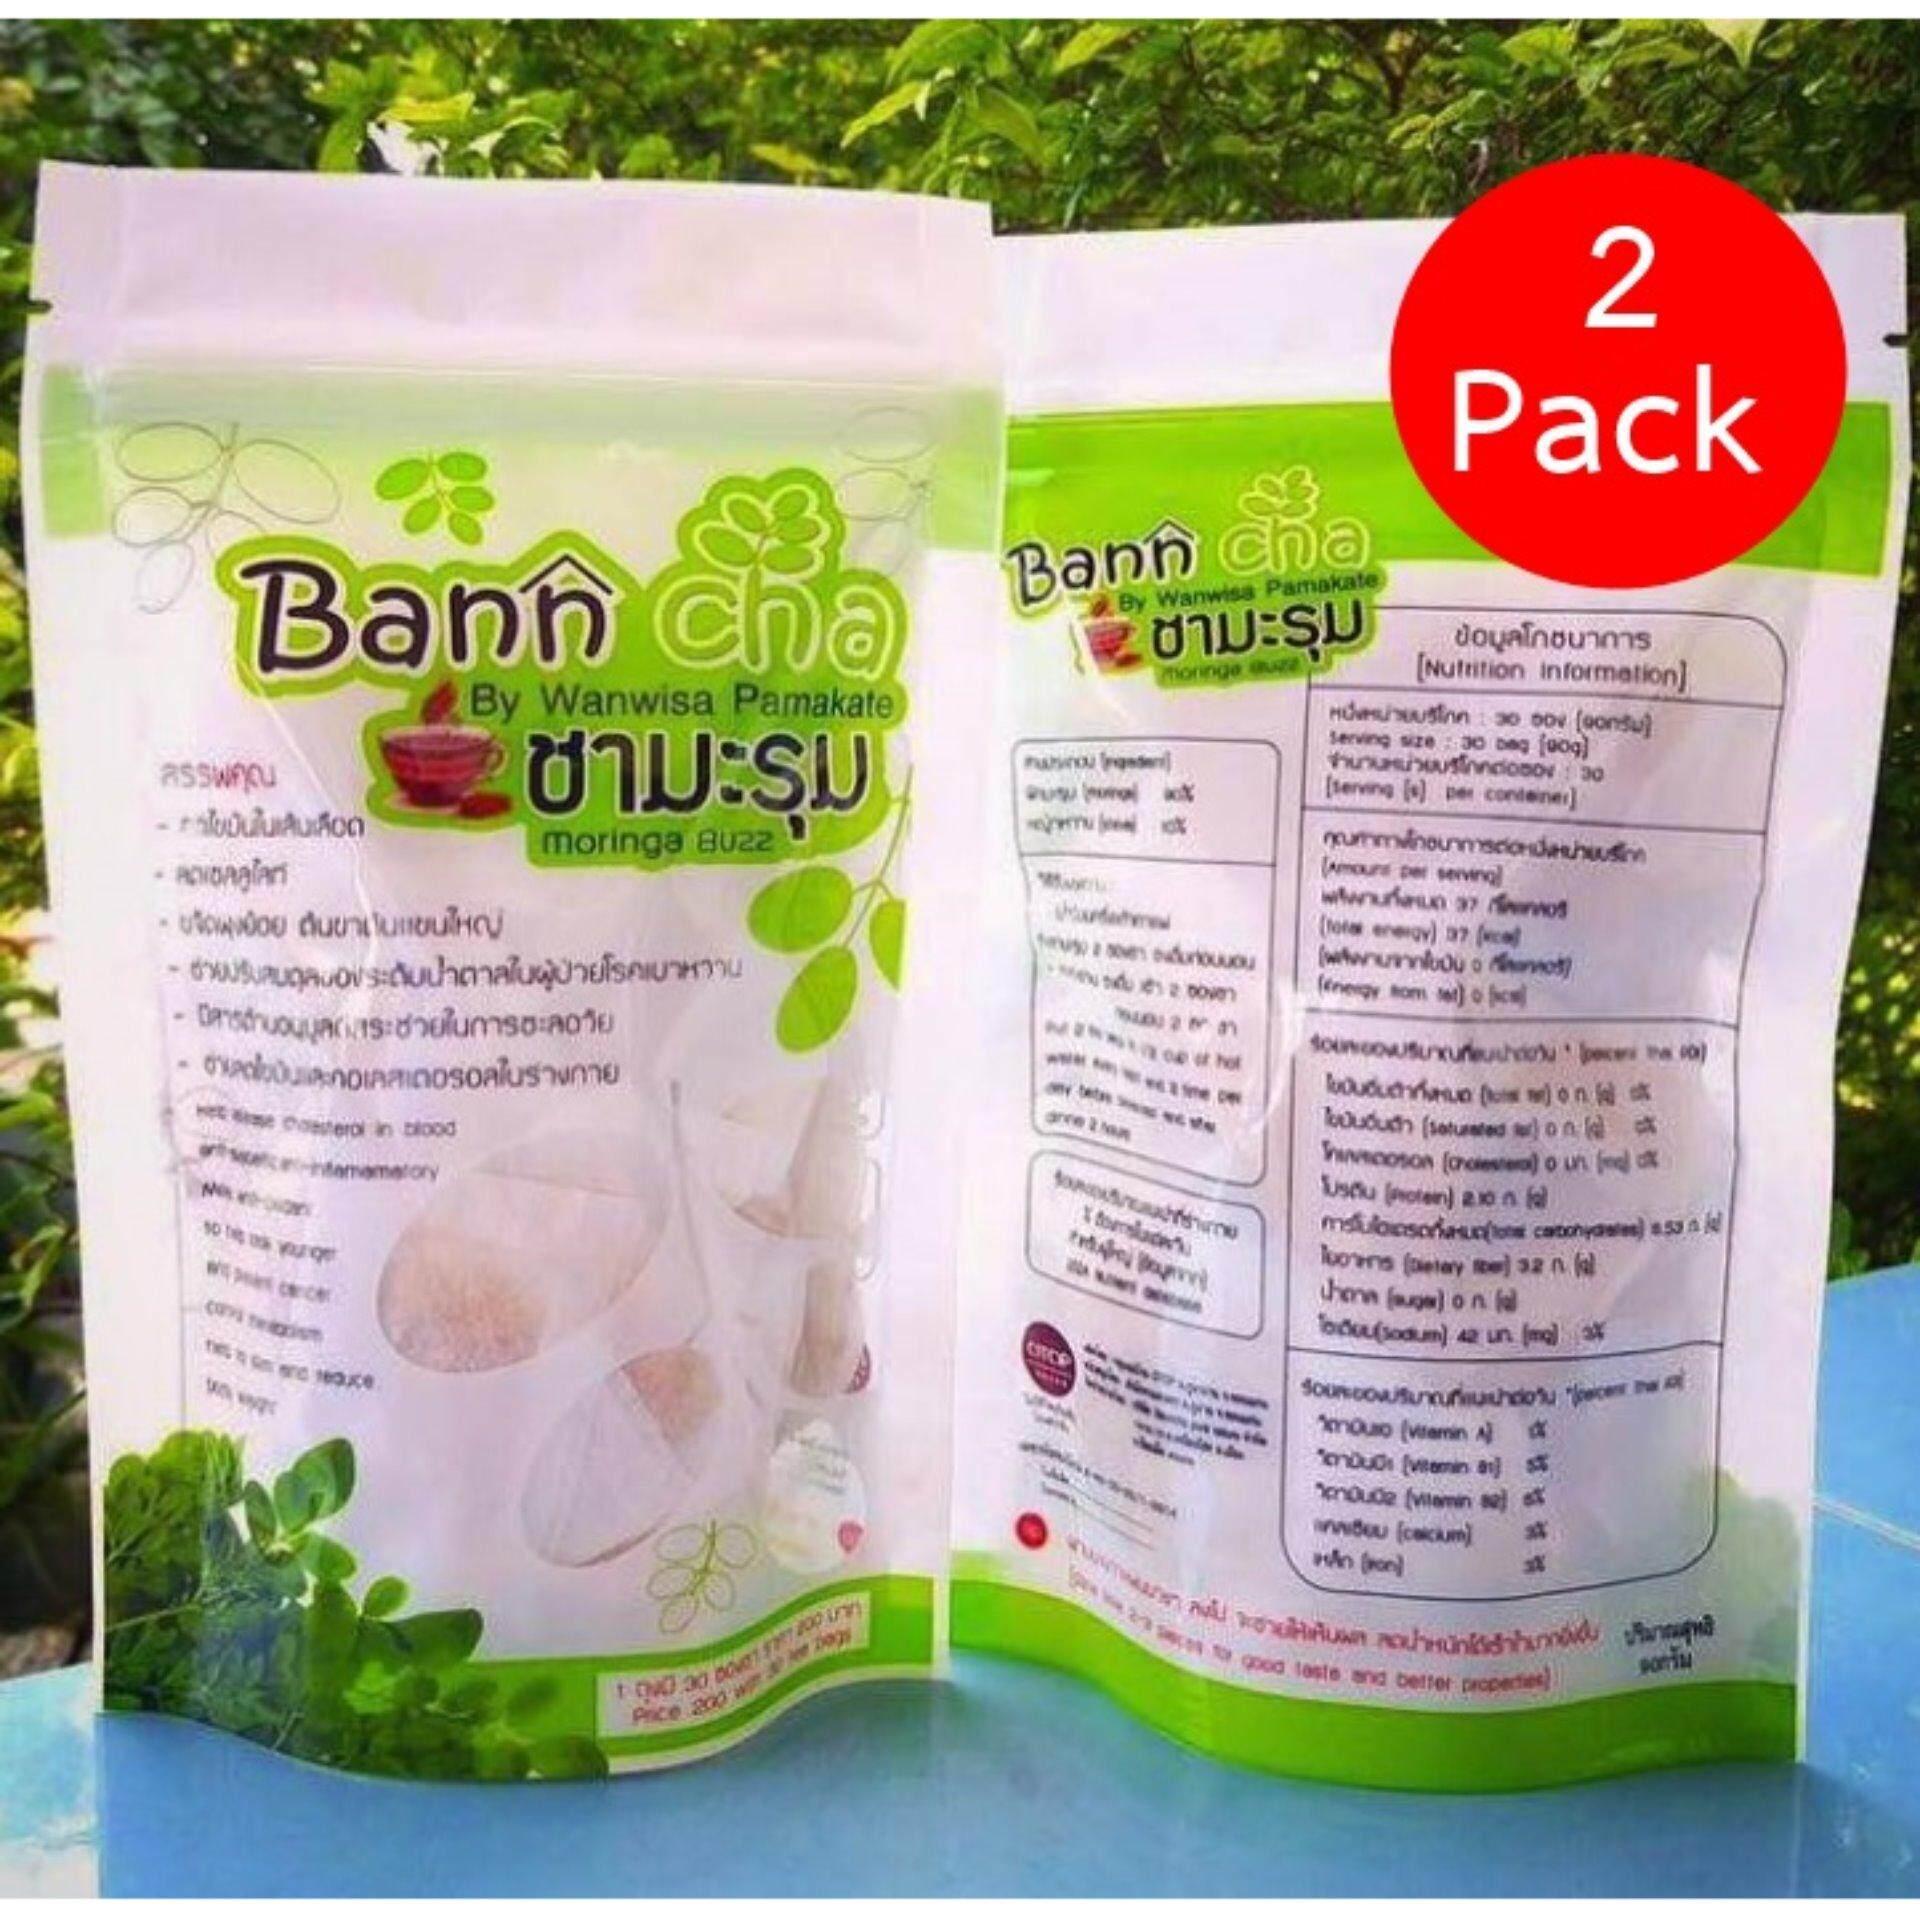 ราคา Bann Cha ชามะรุมบ้านชา 2 แพค 60 ซอง ชาเพื่อสุขภาพ ลดน้ำหนัก จากมะรุมธรรมชาติแท้ Bann Cha เป็นต้นฉบับ